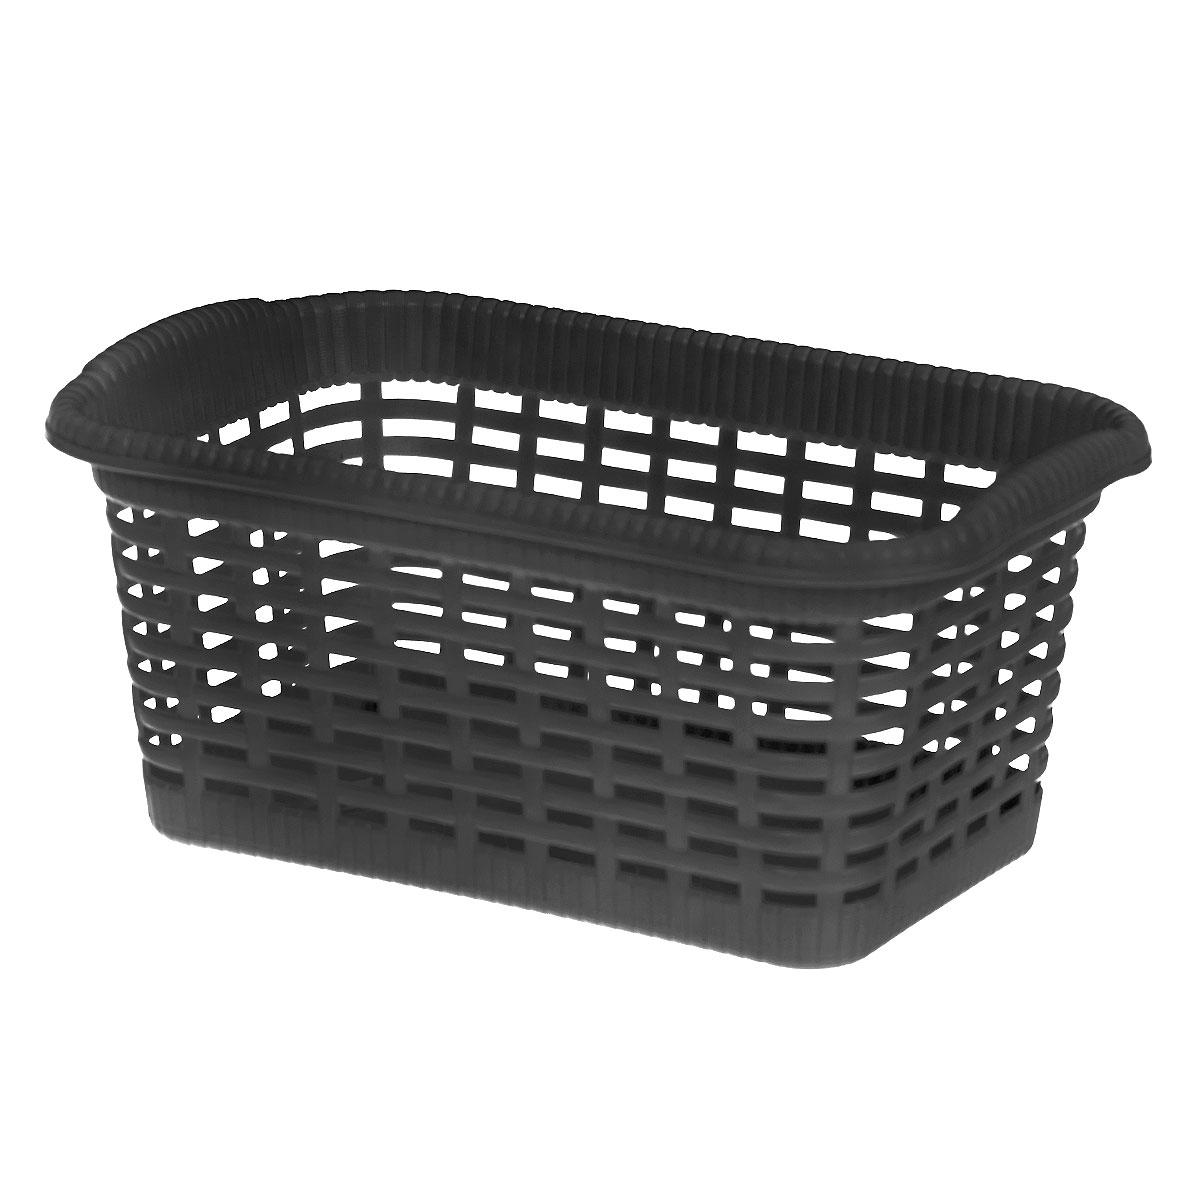 Корзина хозяйственная Gensini, цвет: черный, 29 x 18,5 x 13,5 см3301_черныйУниверсальная корзина Gensini, выполненная из пластика, предназначена для хранения мелочей в ванной, на кухне, даче или гараже. Позволяет хранить мелкие вещи, исключая возможность их потери. Легкая воздушная корзина выполнена под плетенку и оснащена жесткой кромкой. Размер: 29 см x 18,5 см x 13,5 см. Объем: 7 л.